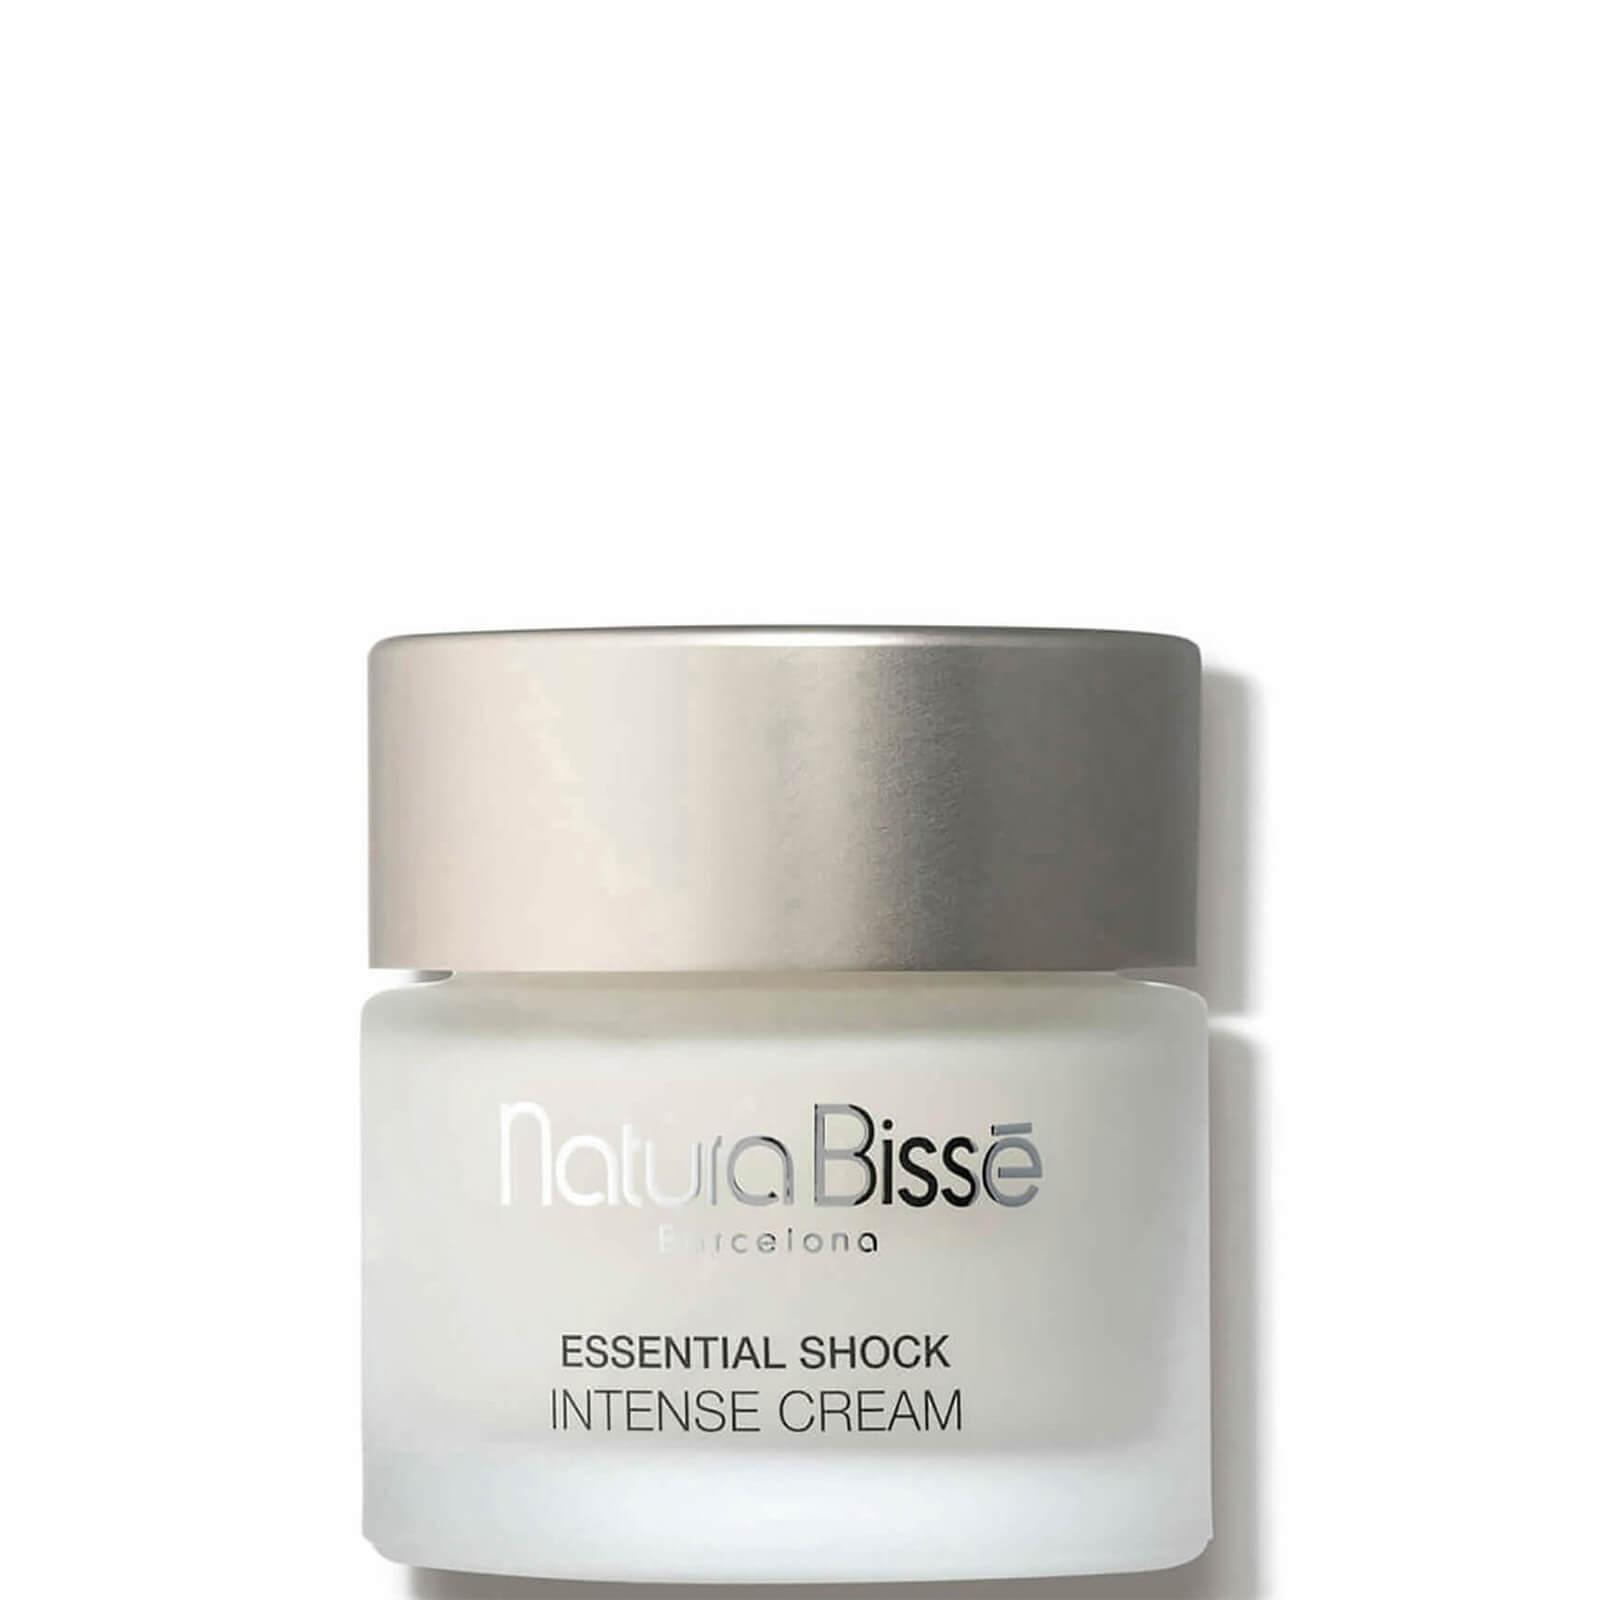 Купить Интенсивный укрепляющий крем для сухой кожи Natura Bissé Essential Shock Intense Cream 75мл